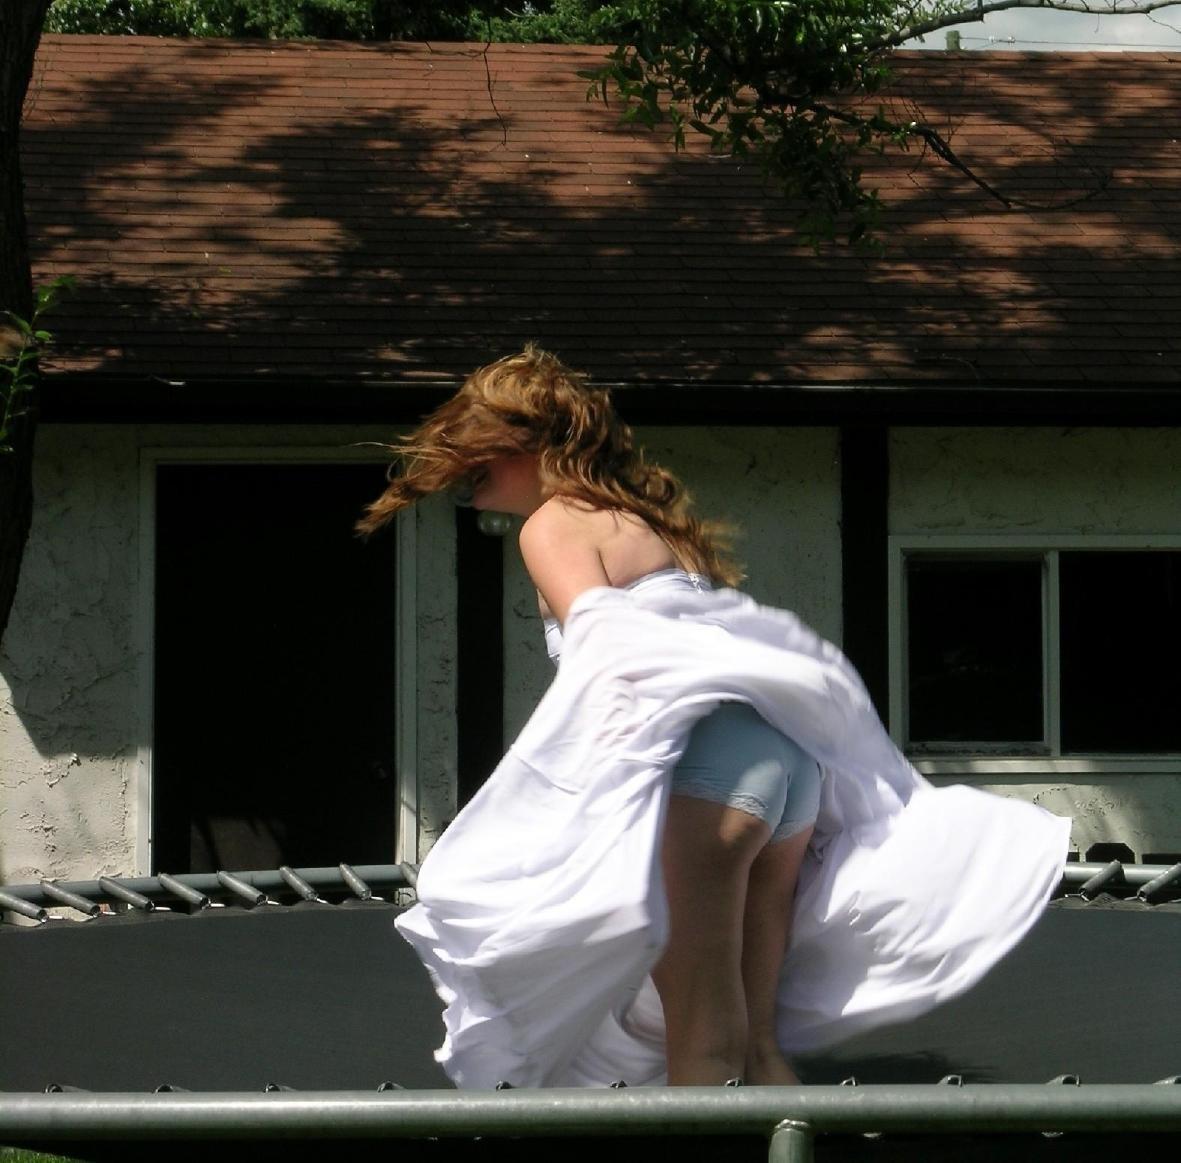 【パンチラエロ画像】偶然を引き寄せて見えた!風パンチラで生尻ゲットwww 09